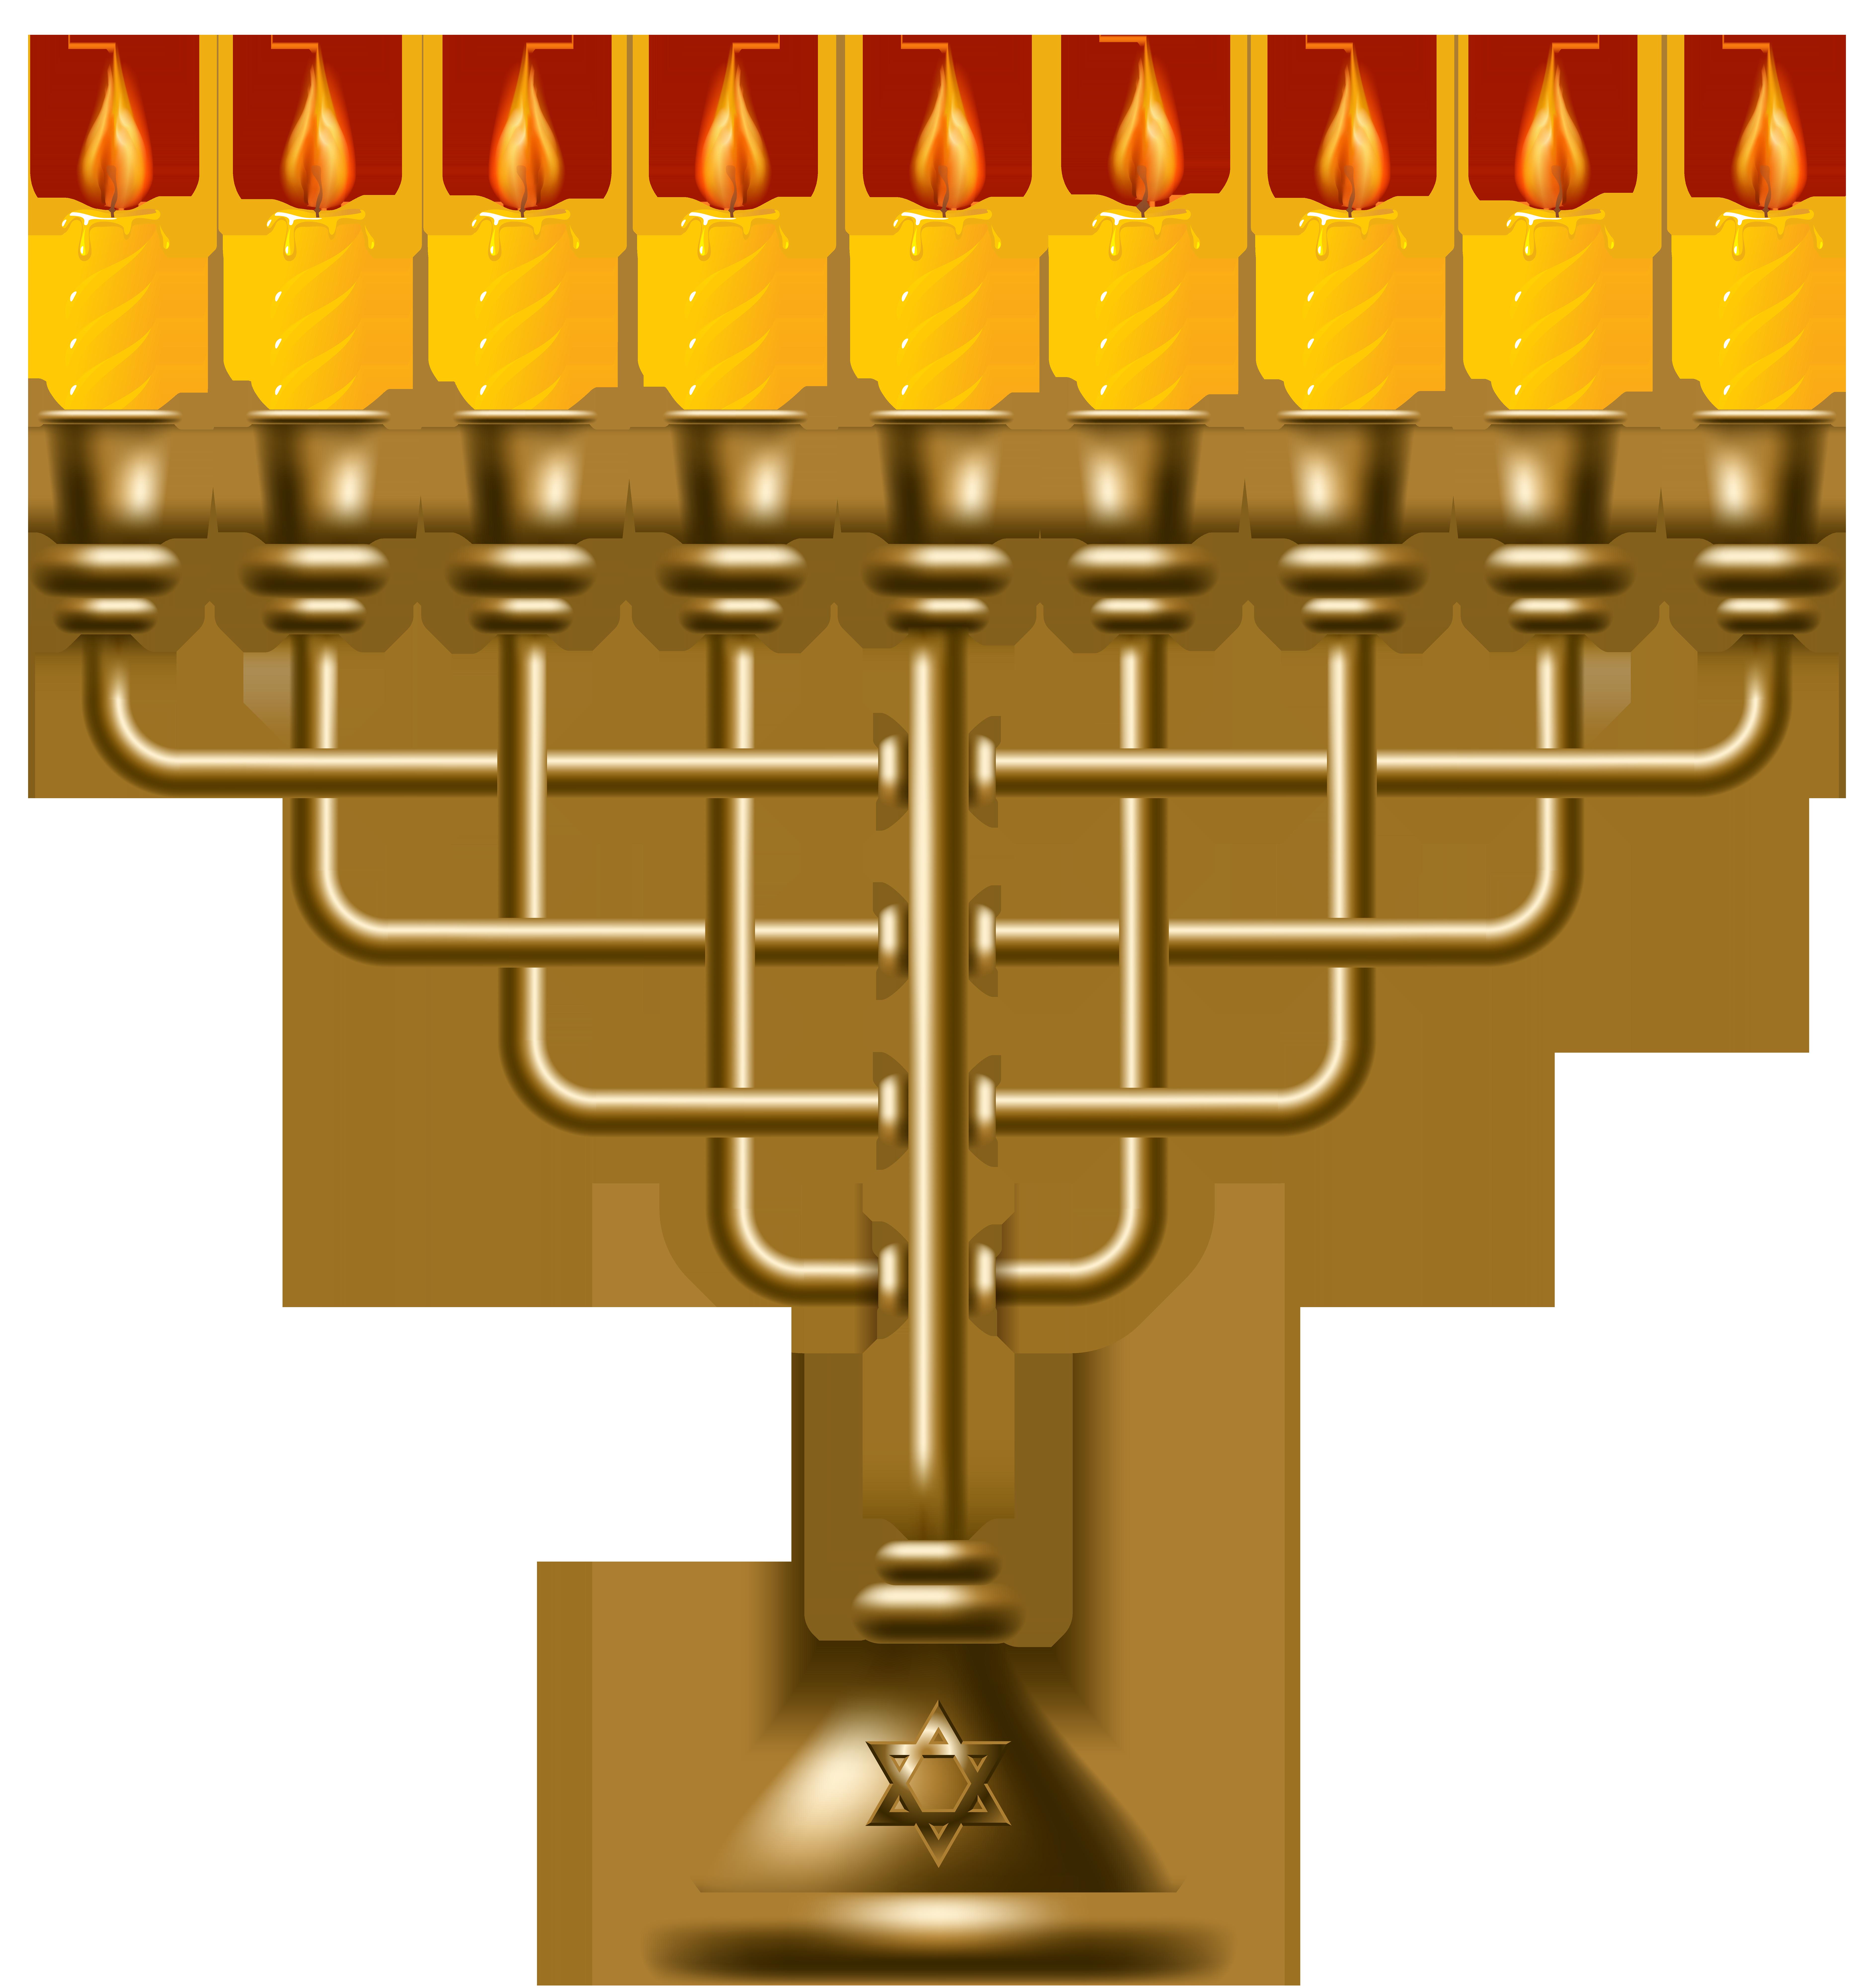 Turkey menora clipart picture library download Hanukkah Menorah Clipart at GetDrawings.com | Free for personal use ... picture library download